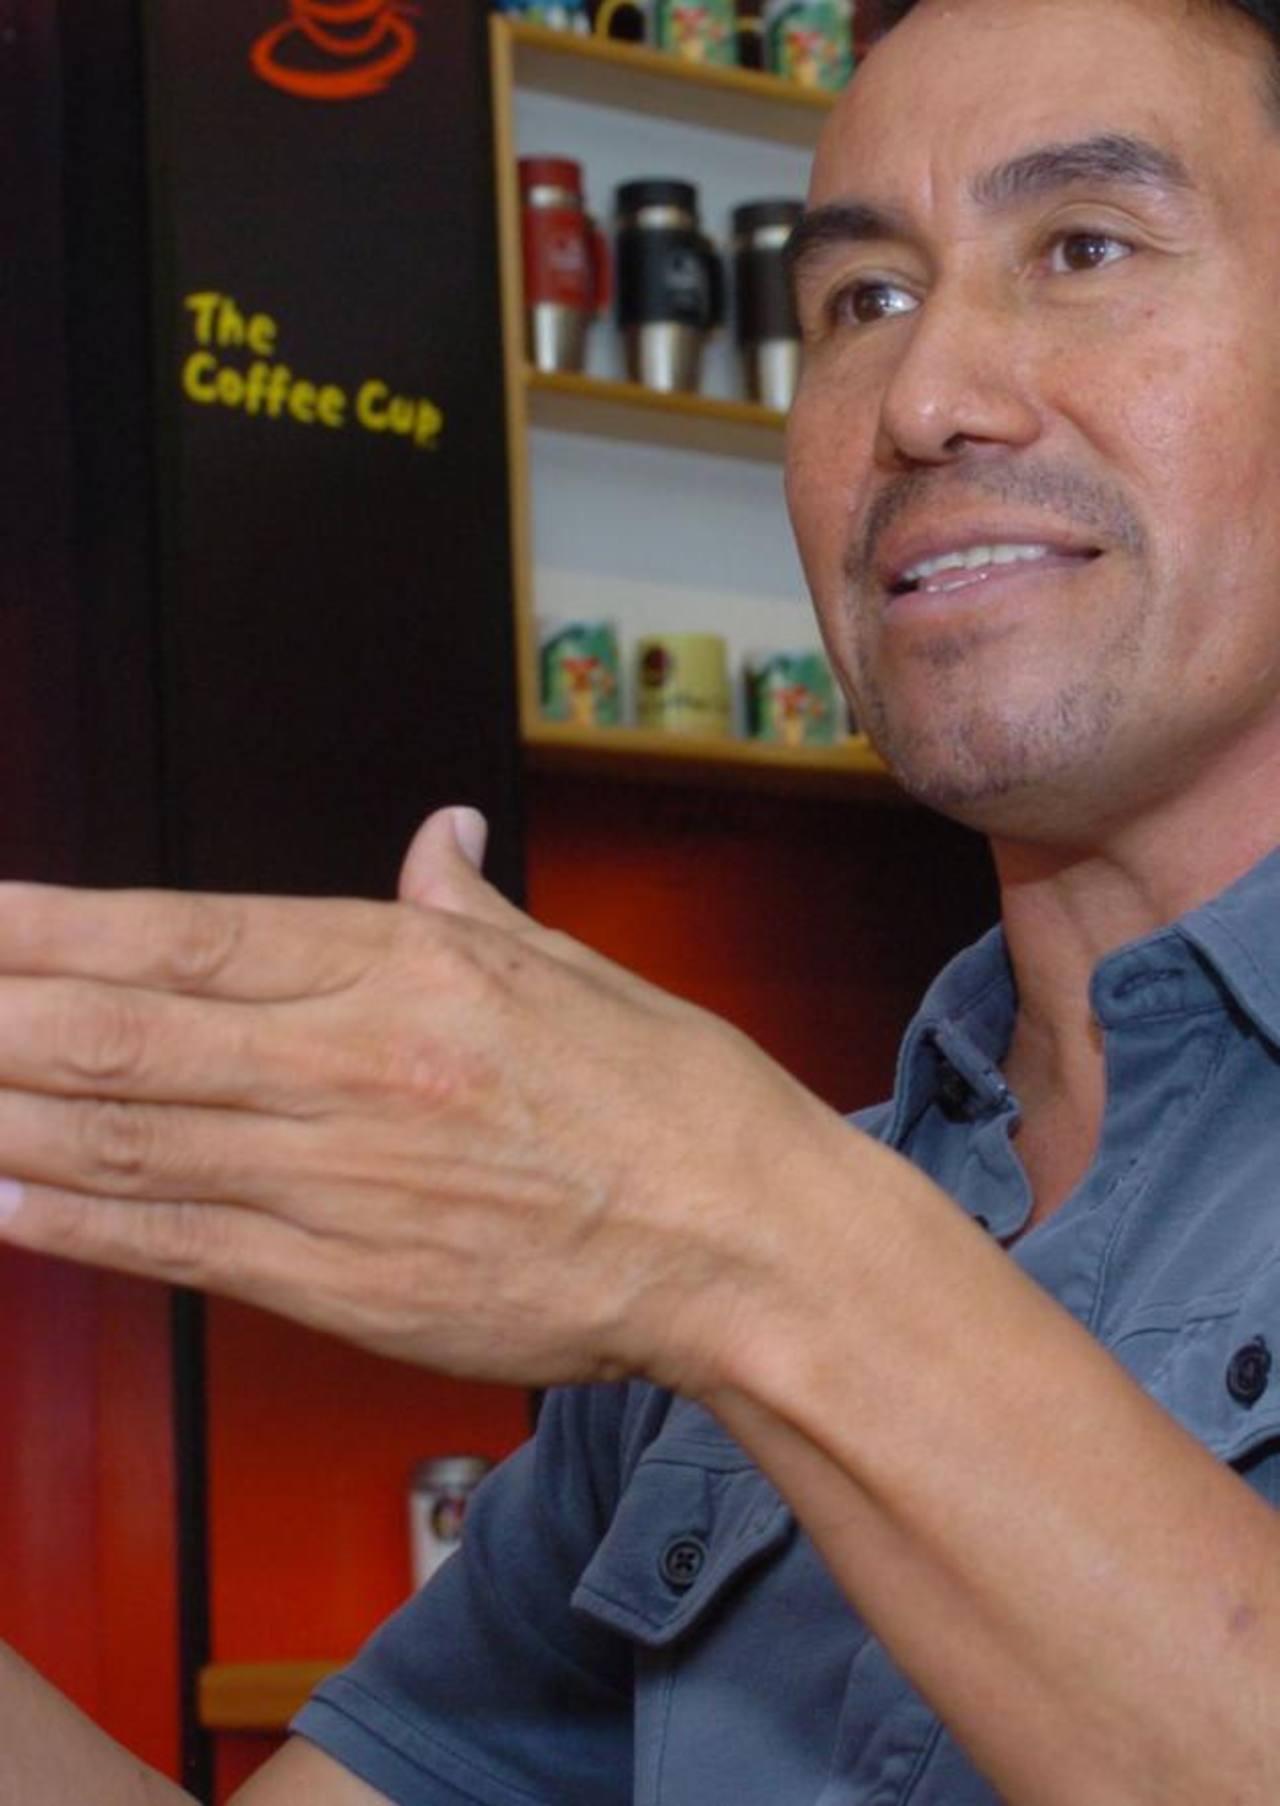 Nuestro invitado disfrutó de un café en las instalaciones de Coffee Cup Metrocentro. La plática fluyó entre exquisitos aromas. Fotos EDH / Huber Rosales